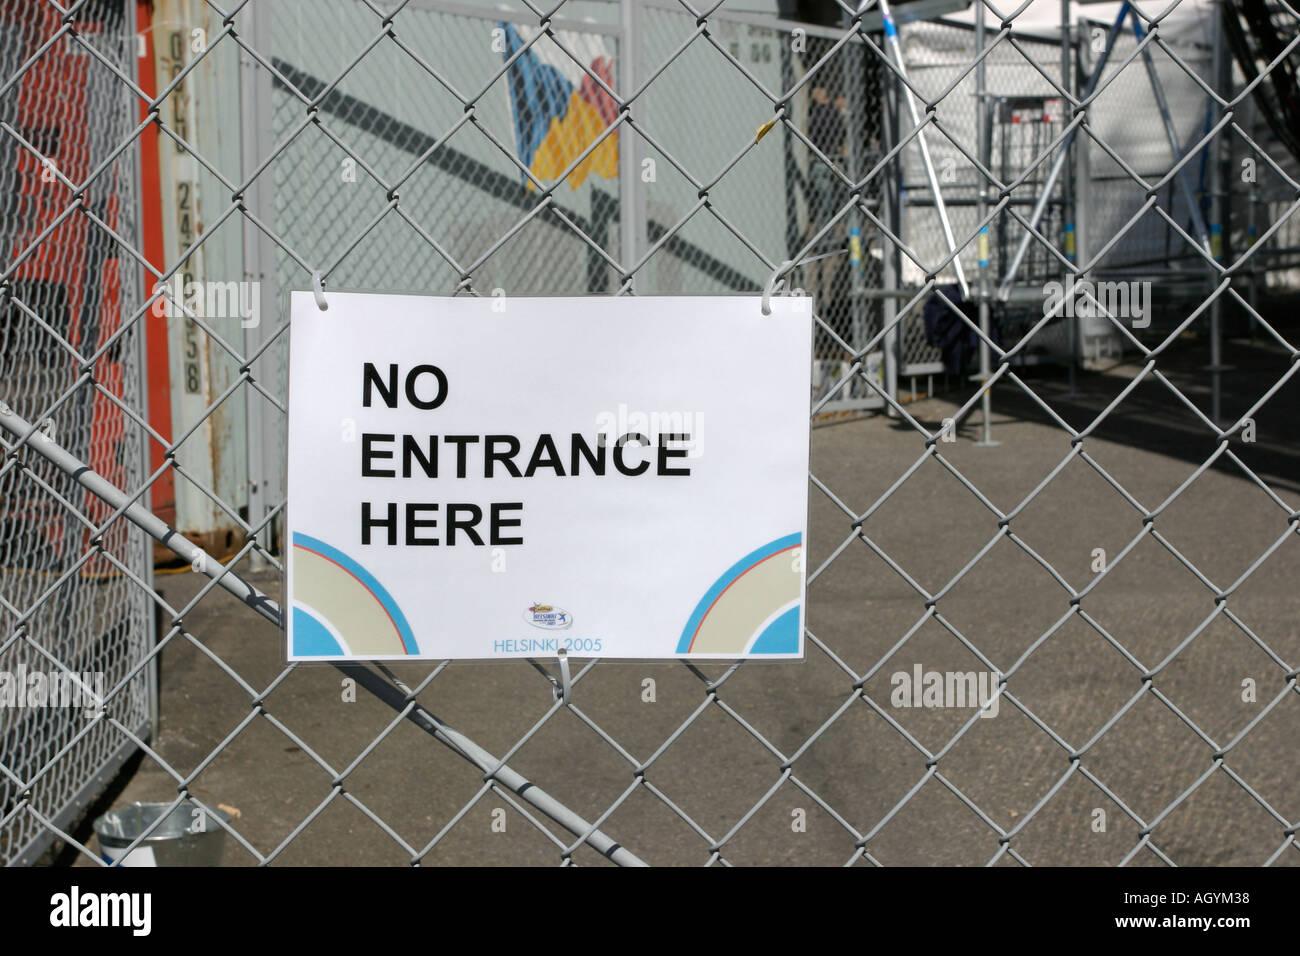 Kein Eingang Hier Schild Am Zaun Befestigt Stockfoto Bild 4671543